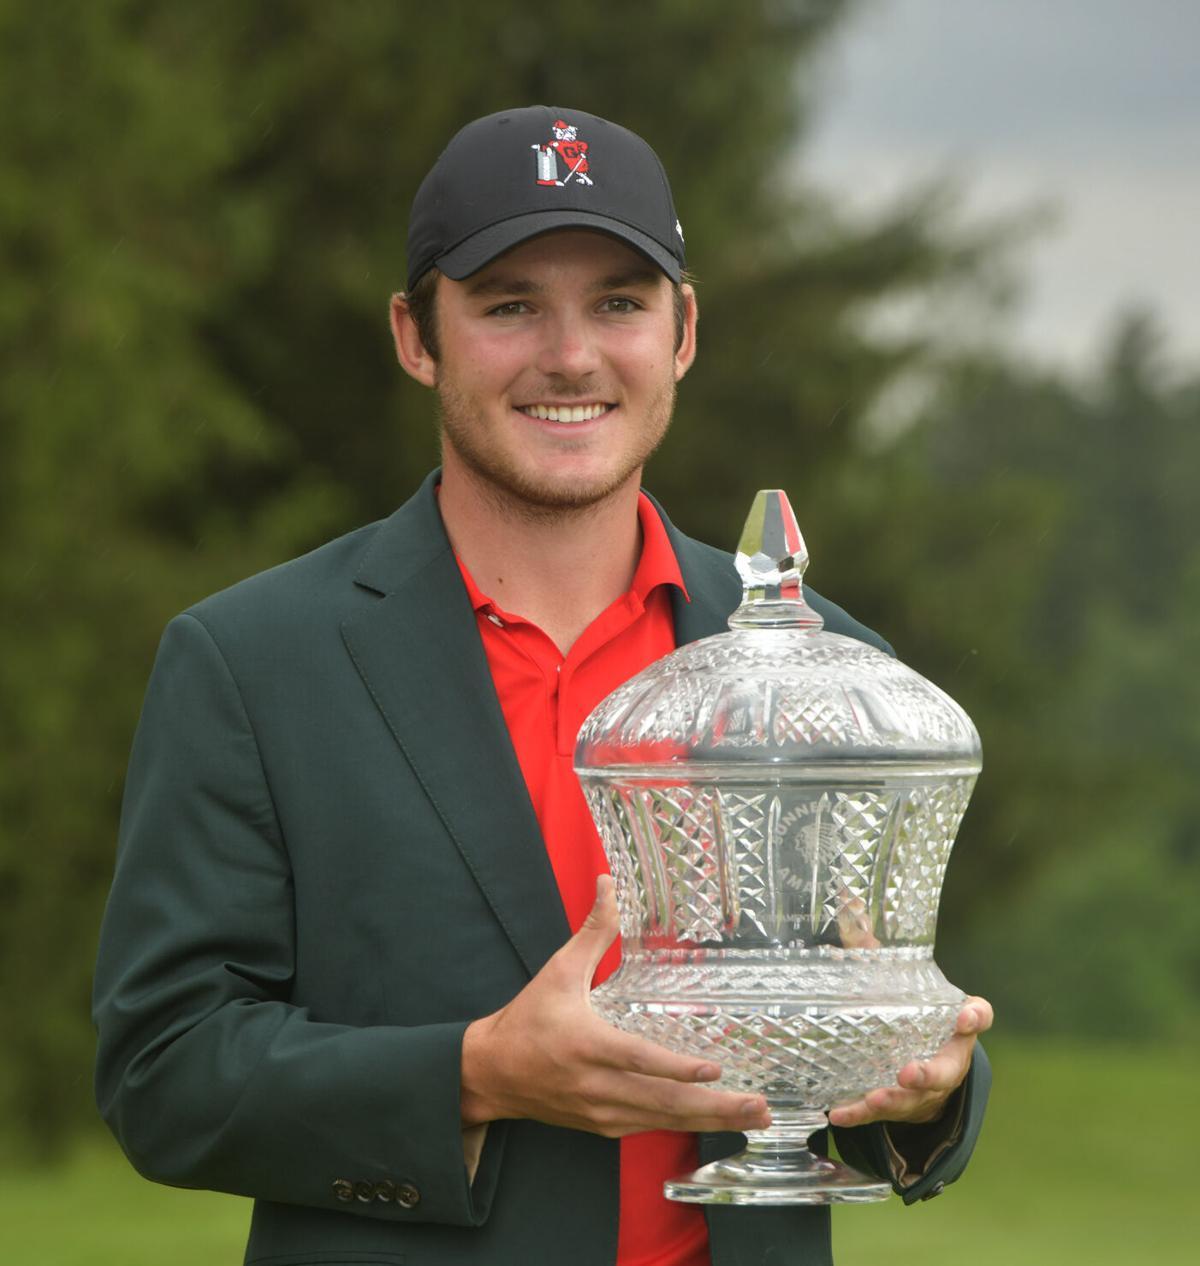 Sunnehanna-Phillips/Trophy